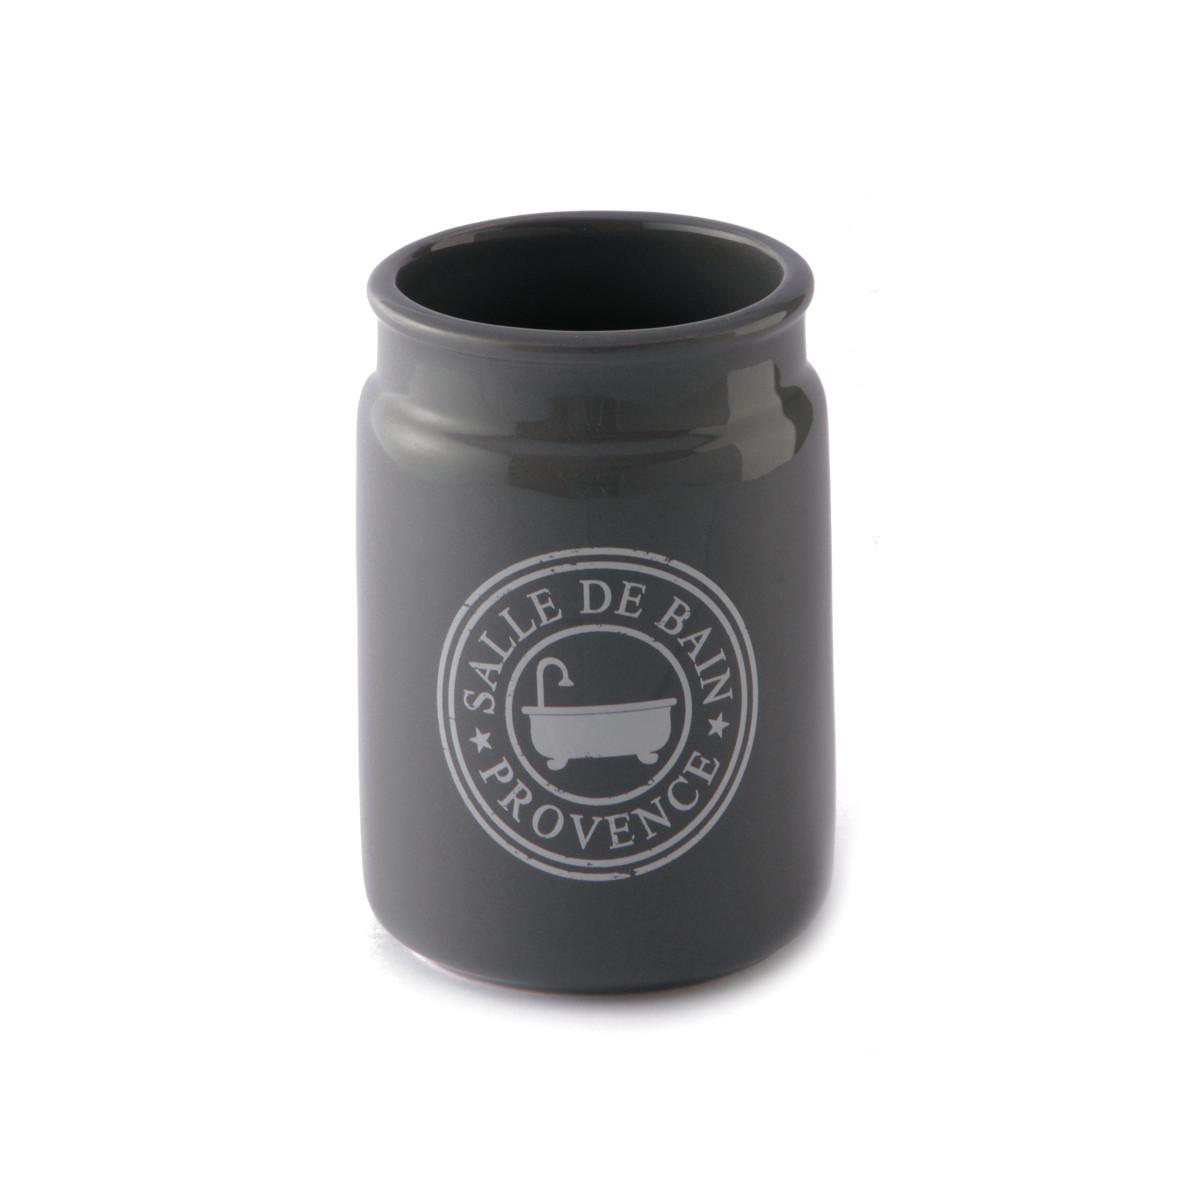 Ποτήρι Οδοντόβουρτσας εstia Salle Grey 02-3388